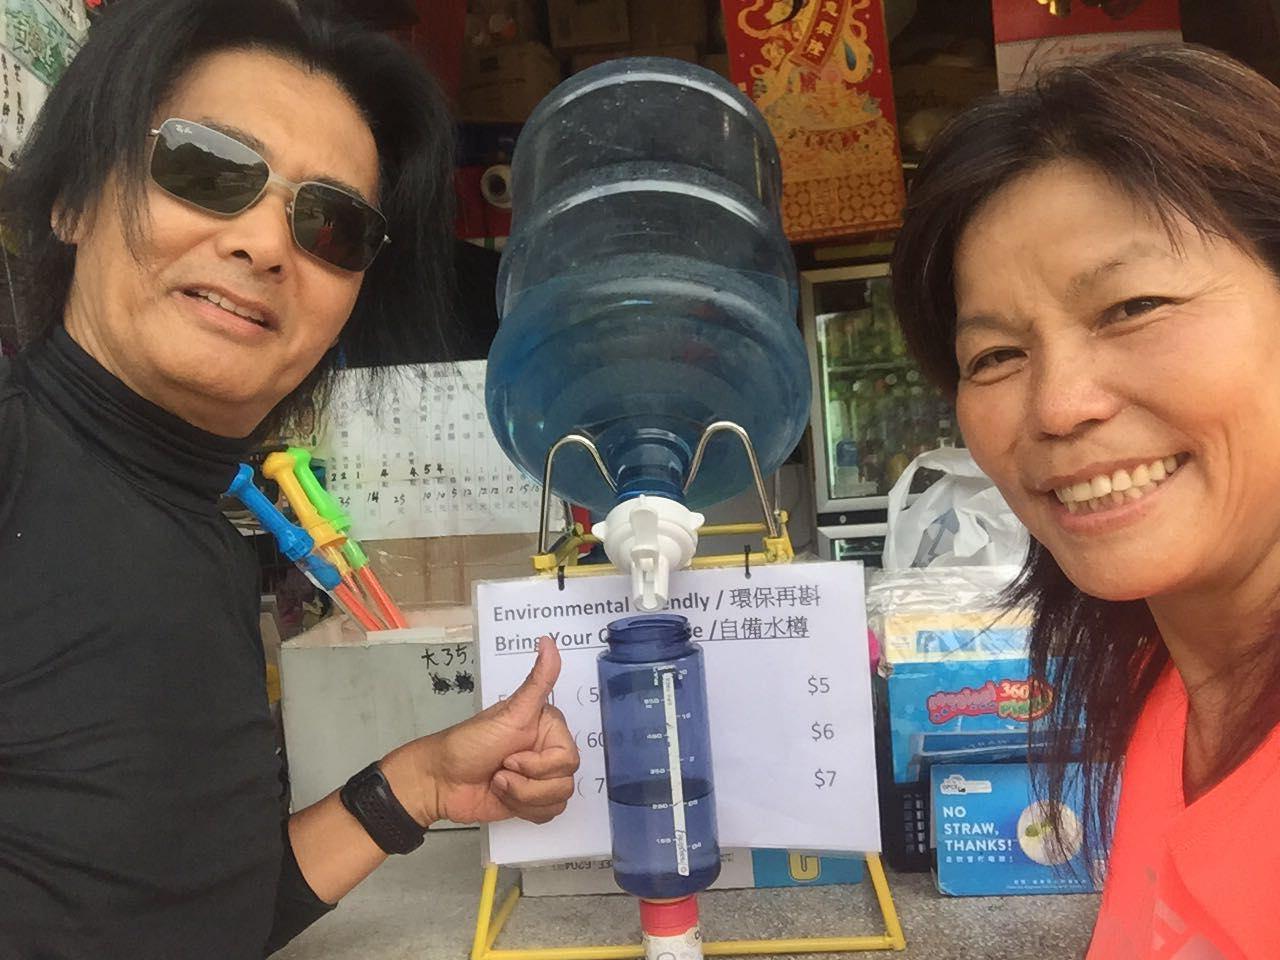 發哥(周潤發)也帶上水樽支持蓮姐的環保行動。( 大帽山茶水亭FB)